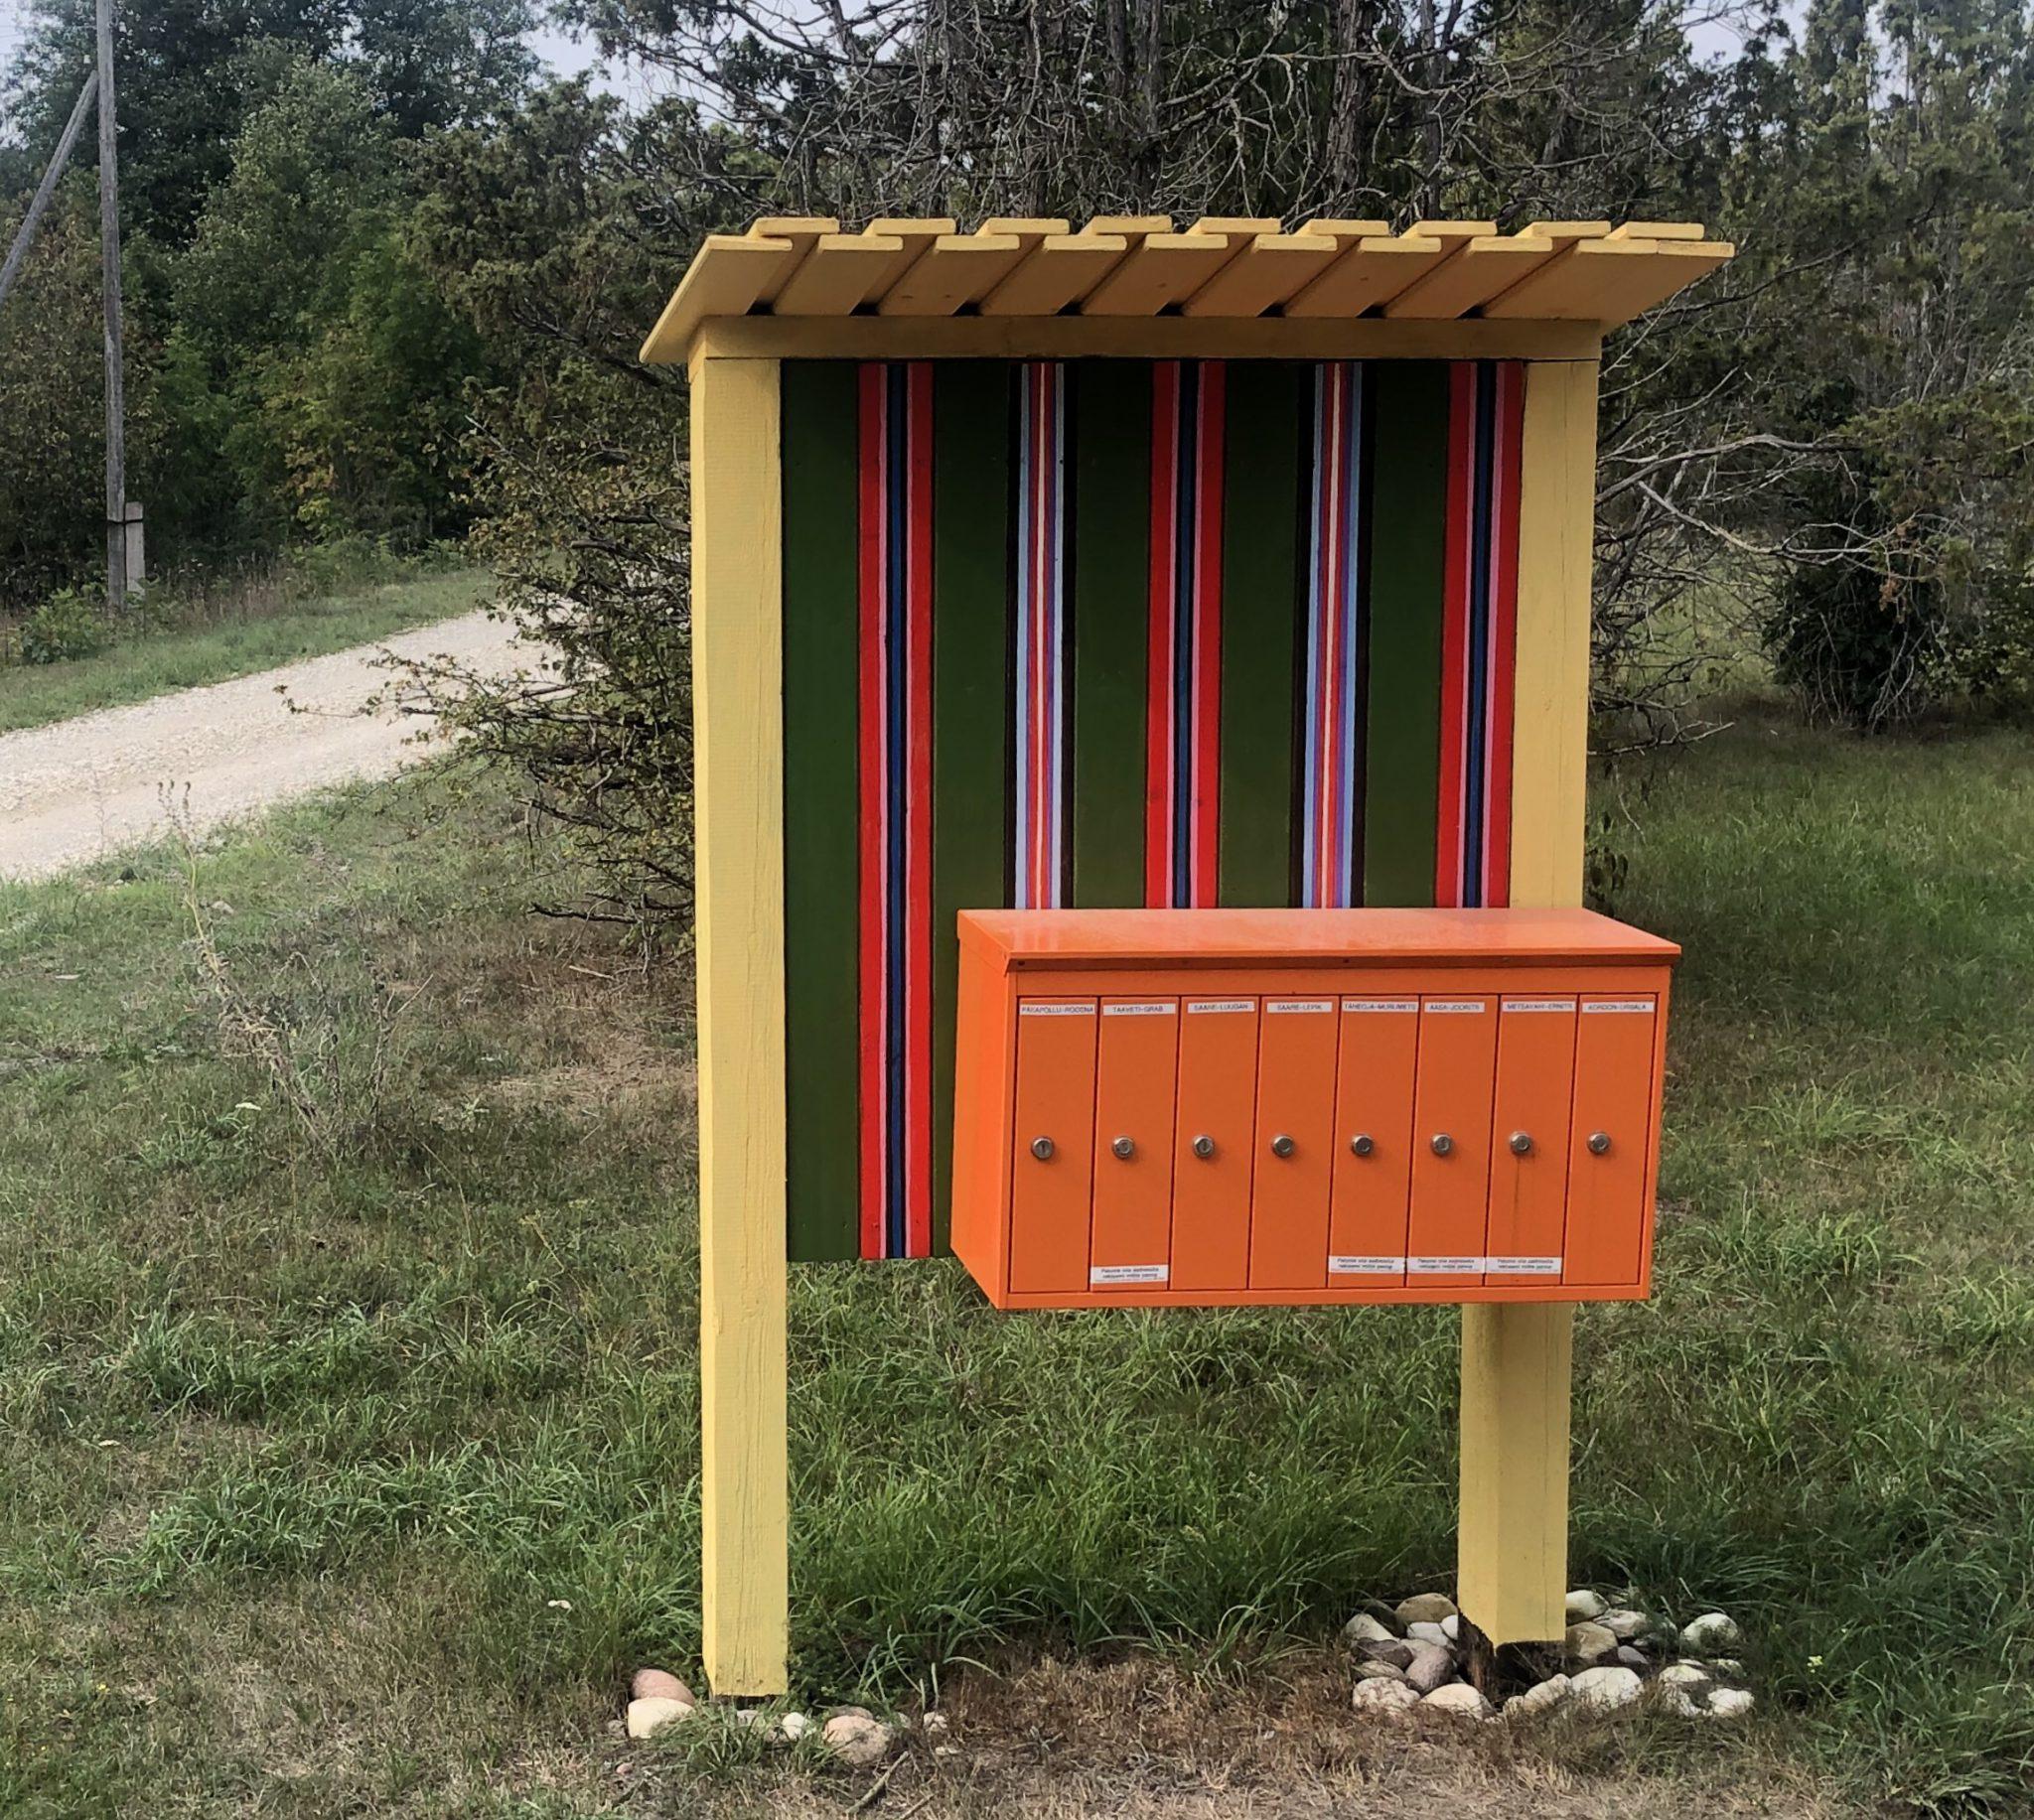 Wohnen im Wald mit Briefkasten auf Hiiumaa